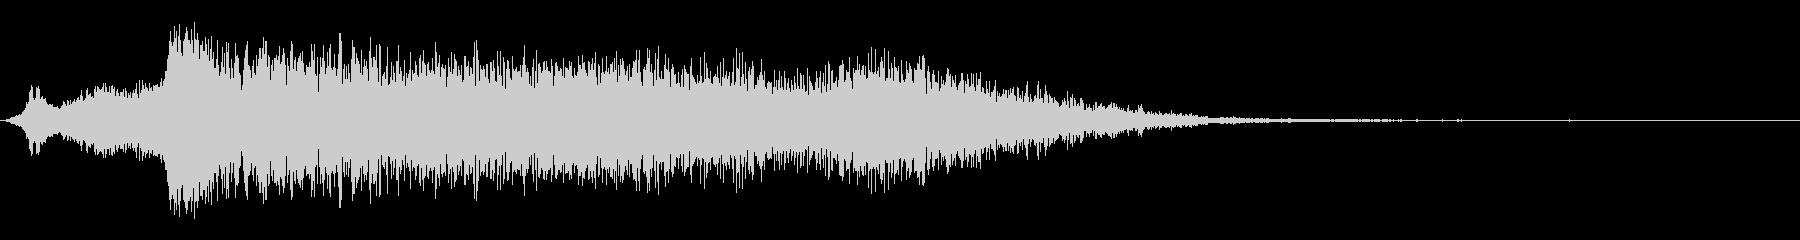 パンチとグライドの未再生の波形